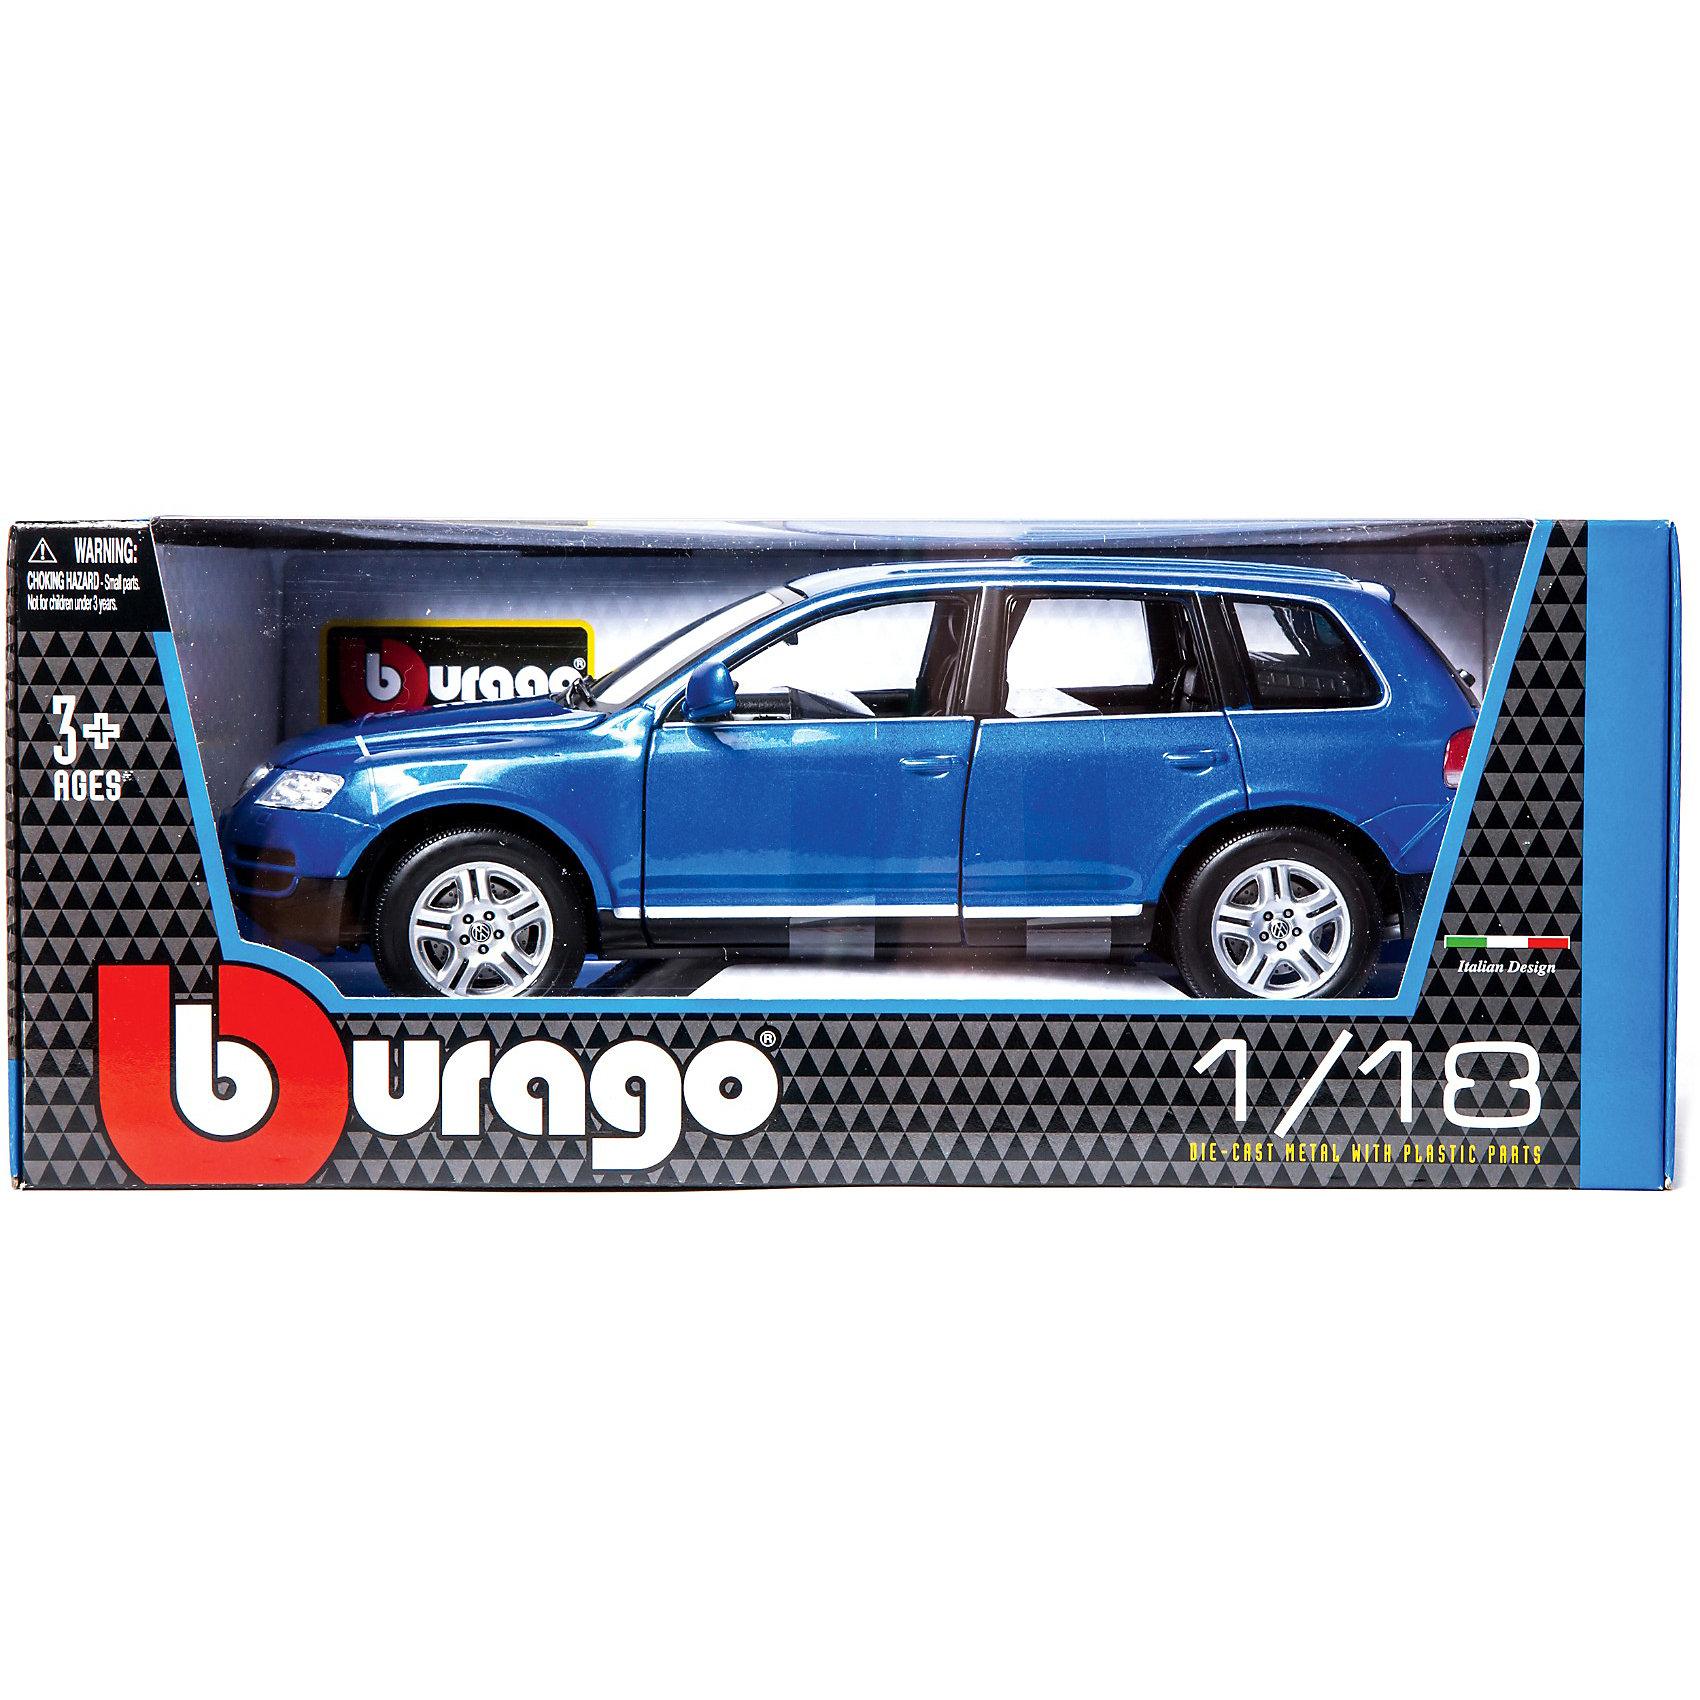 ������ Volkswagen Touareg ������., 1:18, Bburago